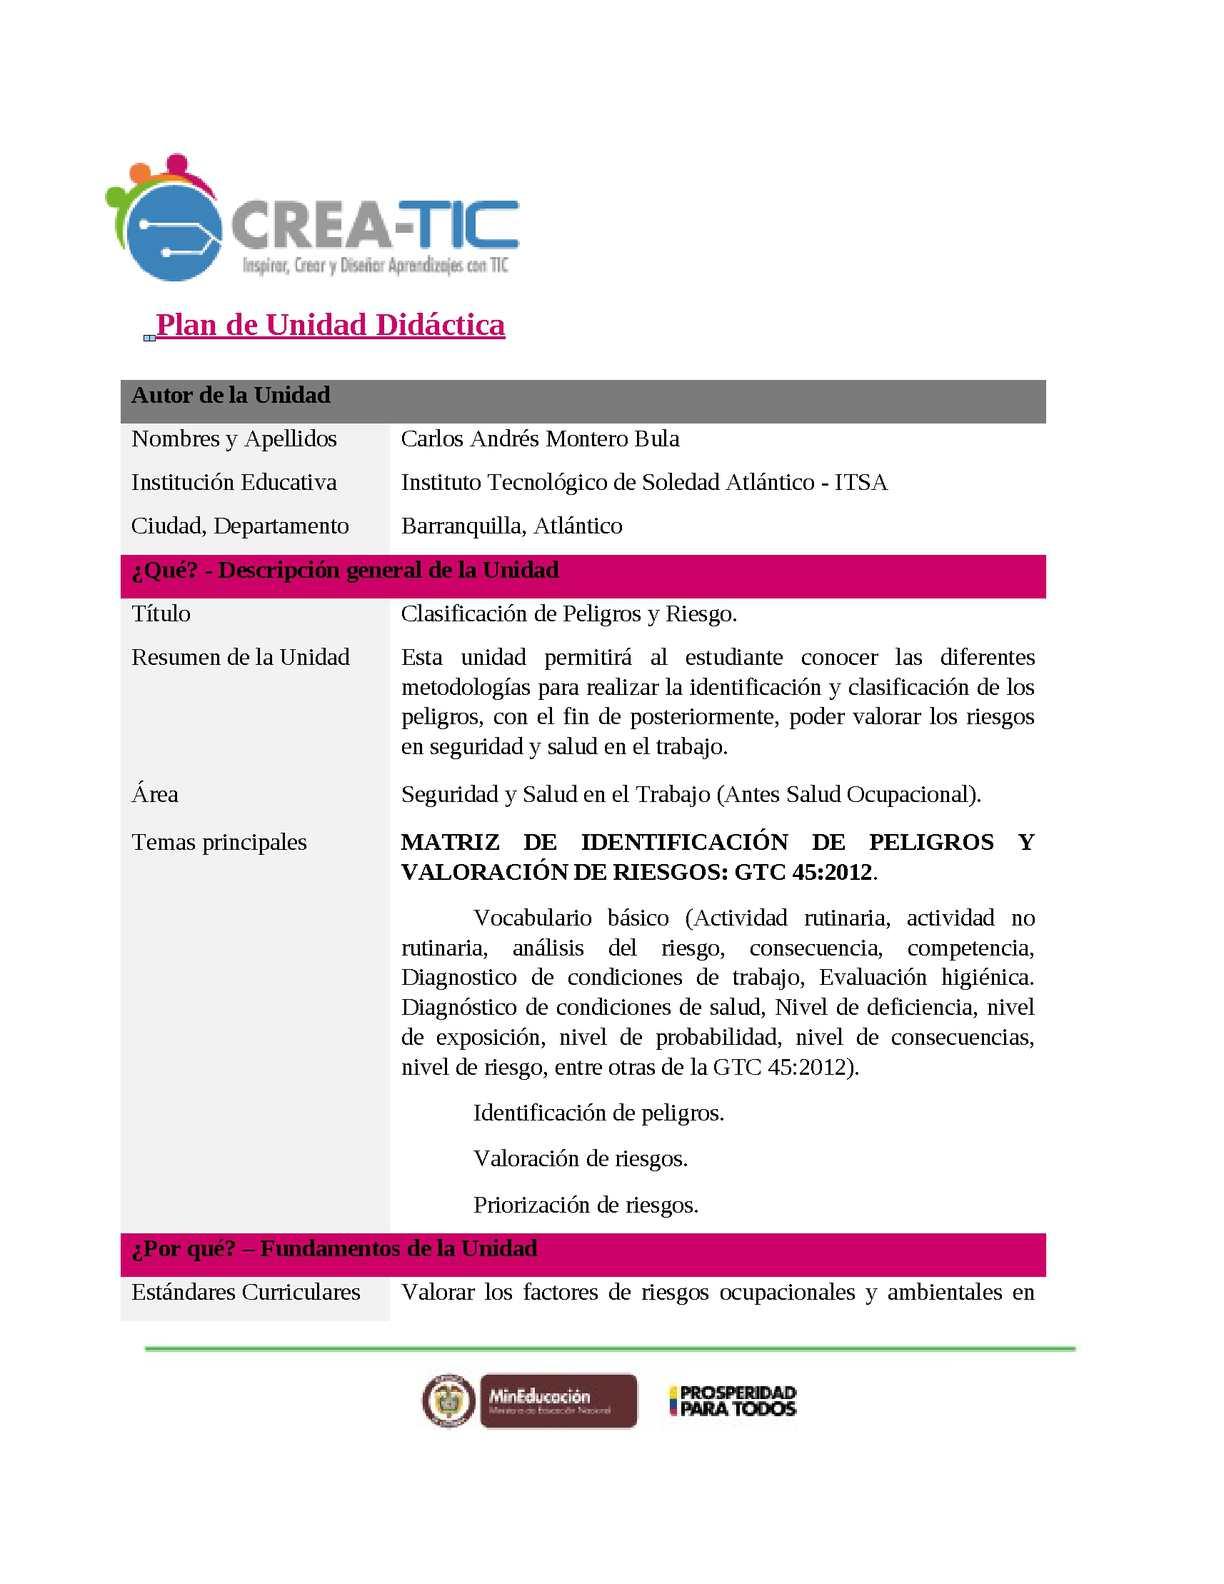 Calaméo - Unidad Didactica Clasificación De Riesgos